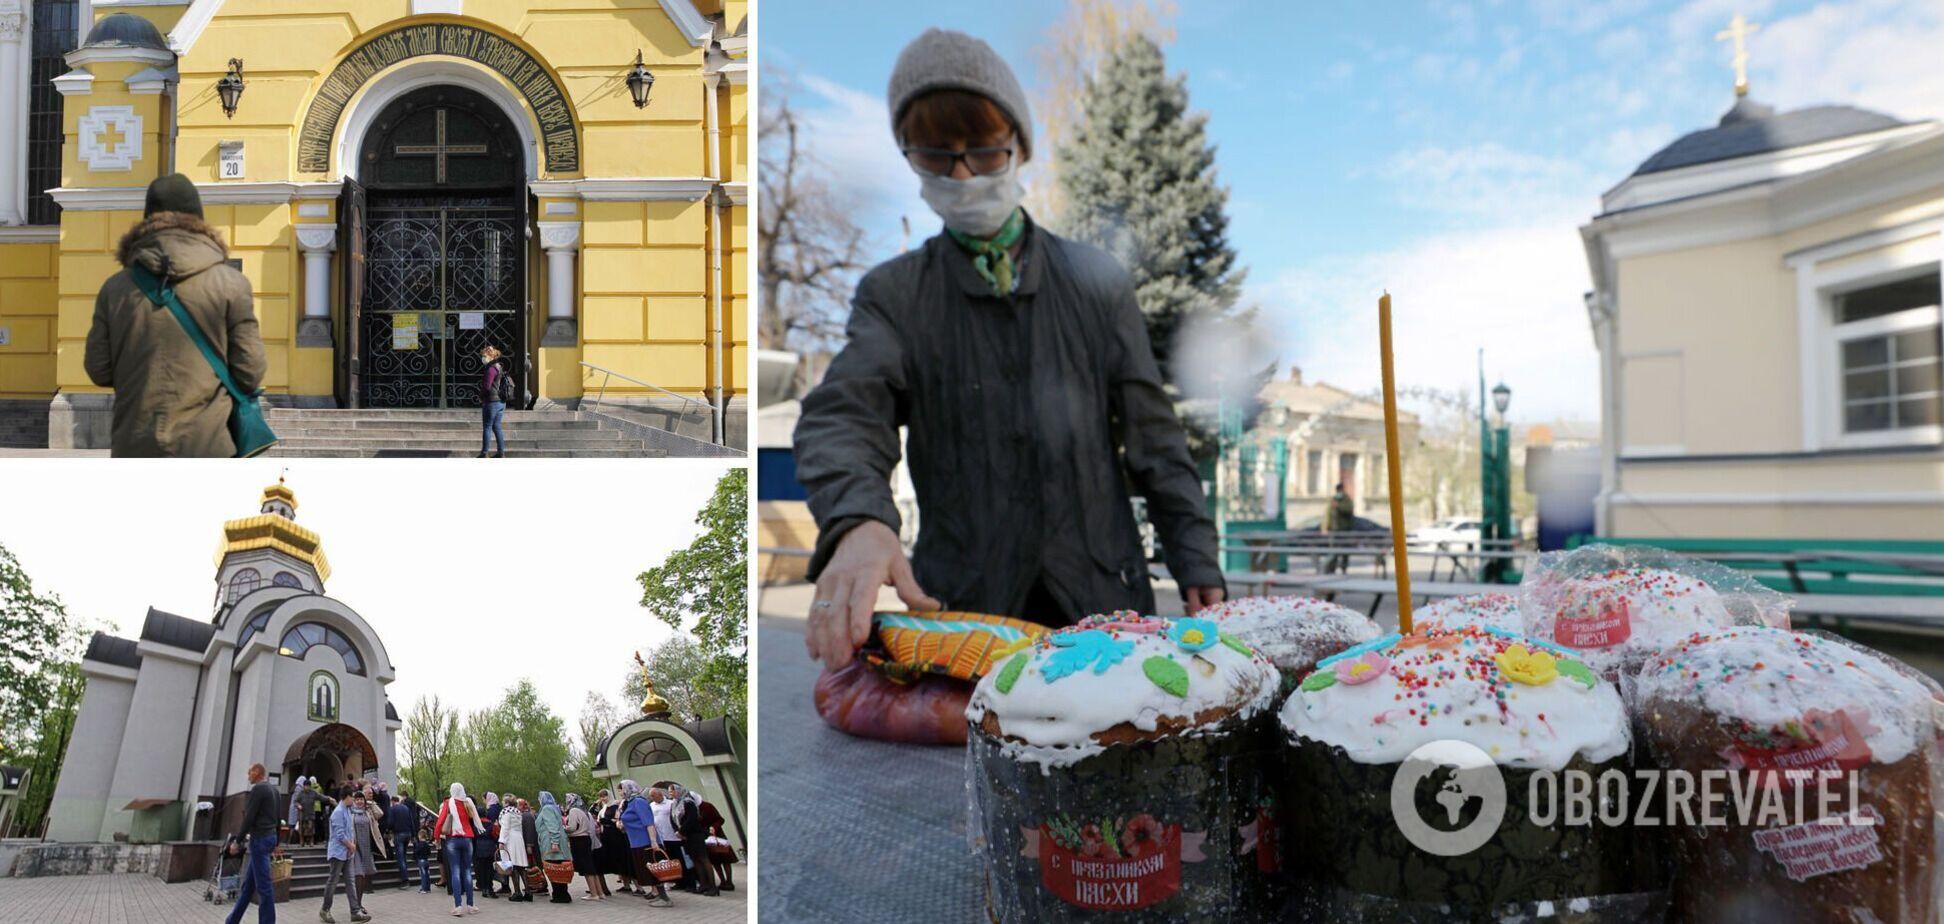 Пасха в условиях карантина: как будут праздновать украинцы и закроют ли церкви